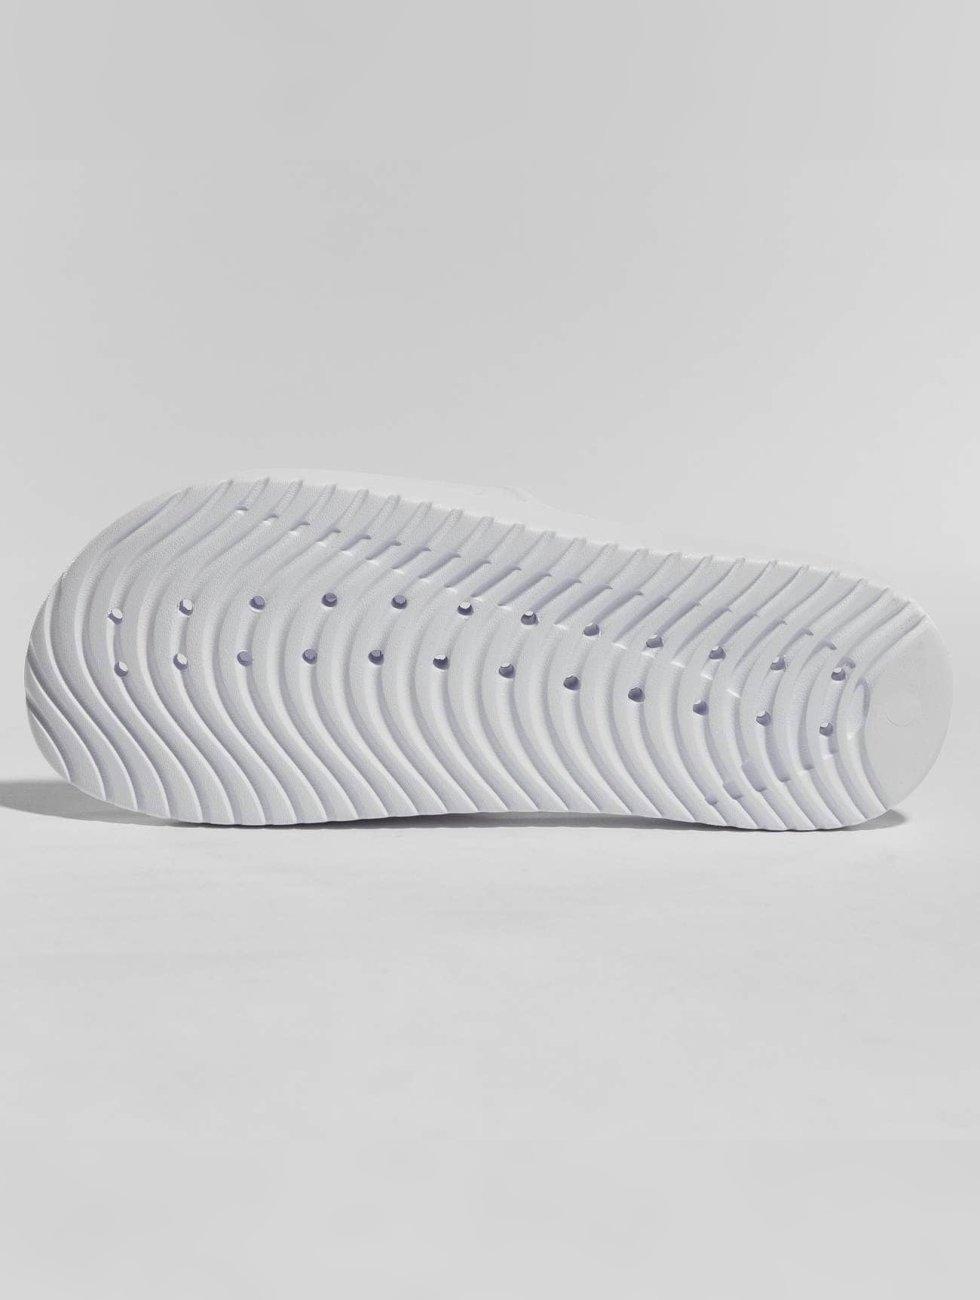 Nike schoen / Slipper/Sandaal Kawa Shower Slide in wit 422210 Nieuwste Goedkope Online Goedkope Levering Goedkope Koop Footlocker Finish Goedkoopste Goedkope Prijs Goedkope Koop Winkel aSqdBBo